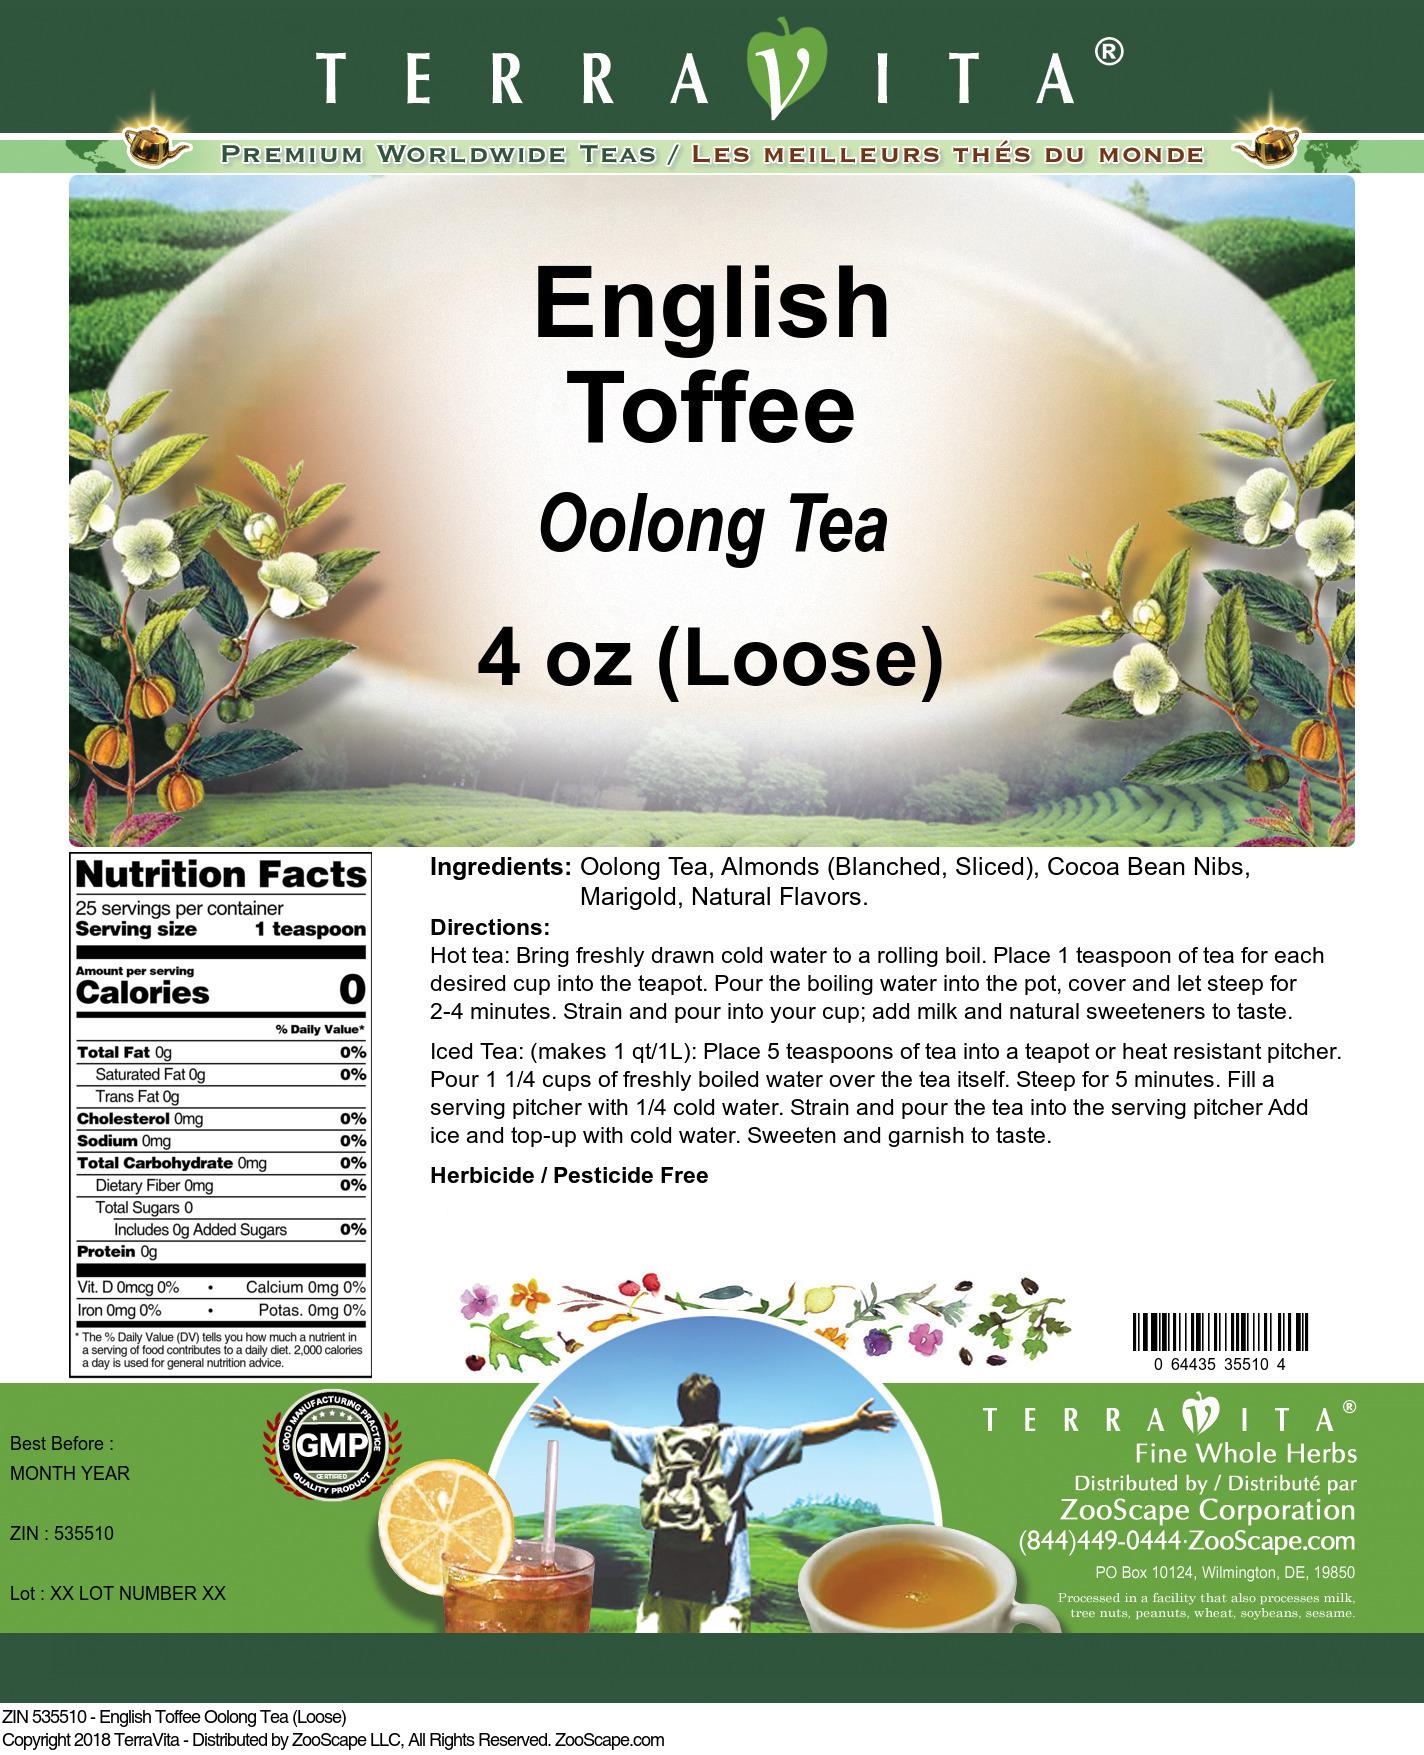 English Toffee Oolong Tea